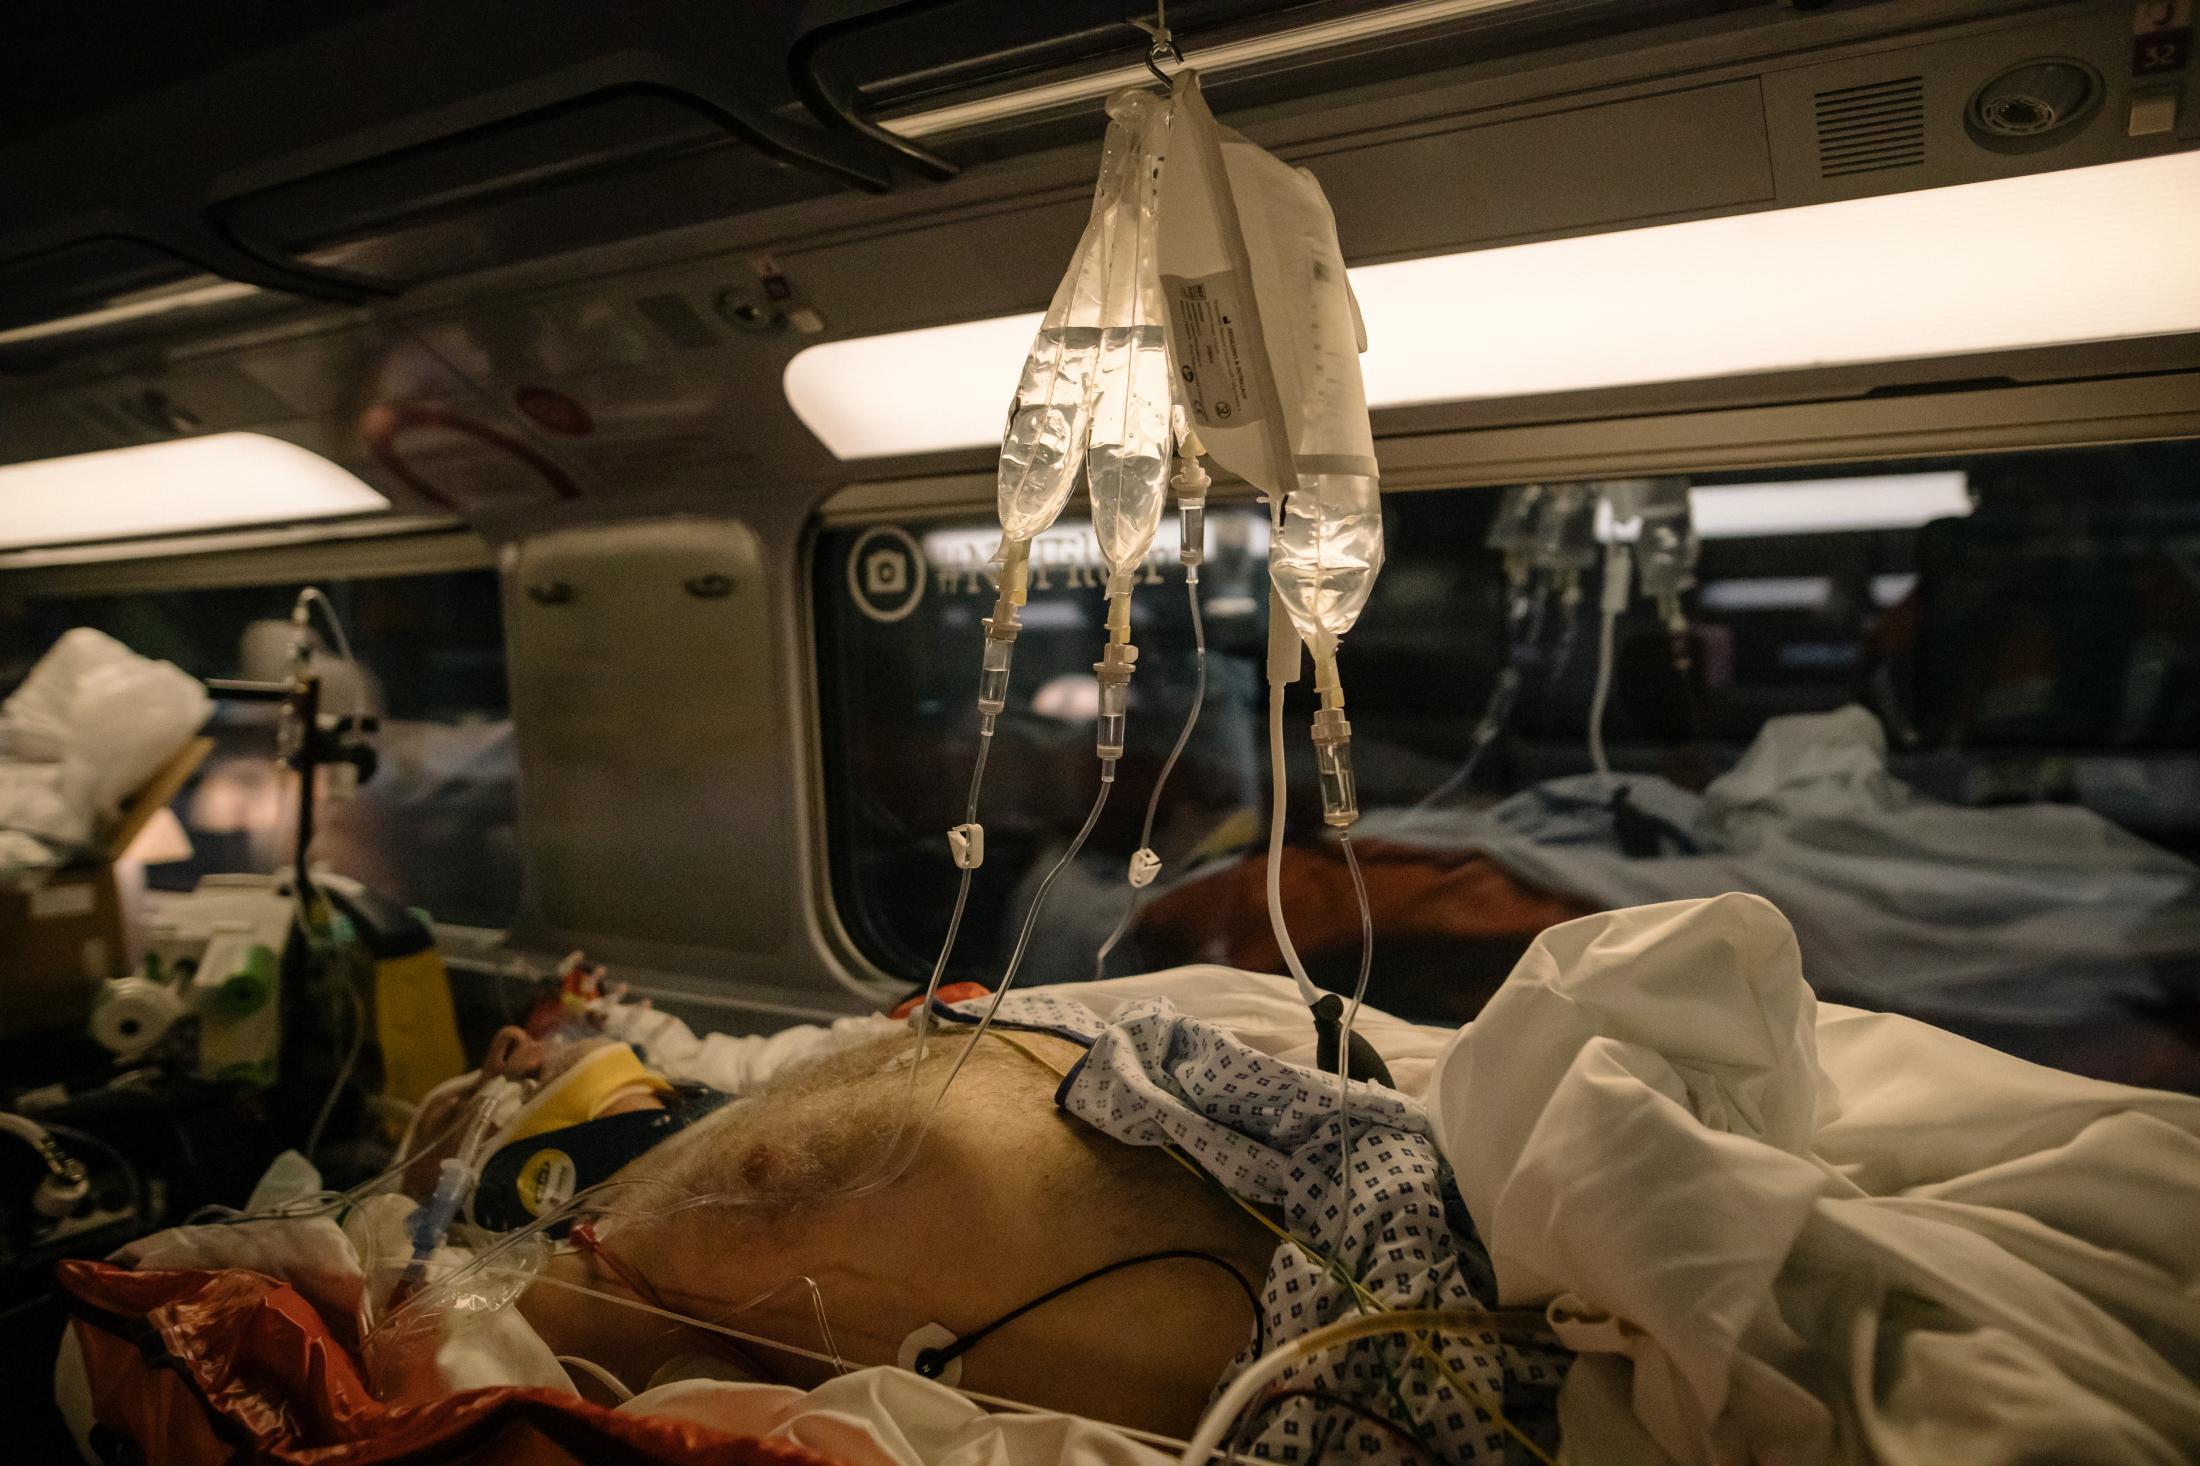 Paris. Gare d'Austelitz. Opération Chardon. Le 10 avril 2020. En tout, 45 victimes du Covid_19 de toute l'île de France, vont etre transferées dans deux TGV en direction de Bordeaux et de Poitiers. L'objectif est de désengorger les hopitaux d'ïle de France saturés de patients en réa du covid-19. L'opération est coordonnée par le SAMU. ( Et la SNCF). Ici les perfusions sont installées avec des crochets sur le porte bagage. (train pr Bordeaux)